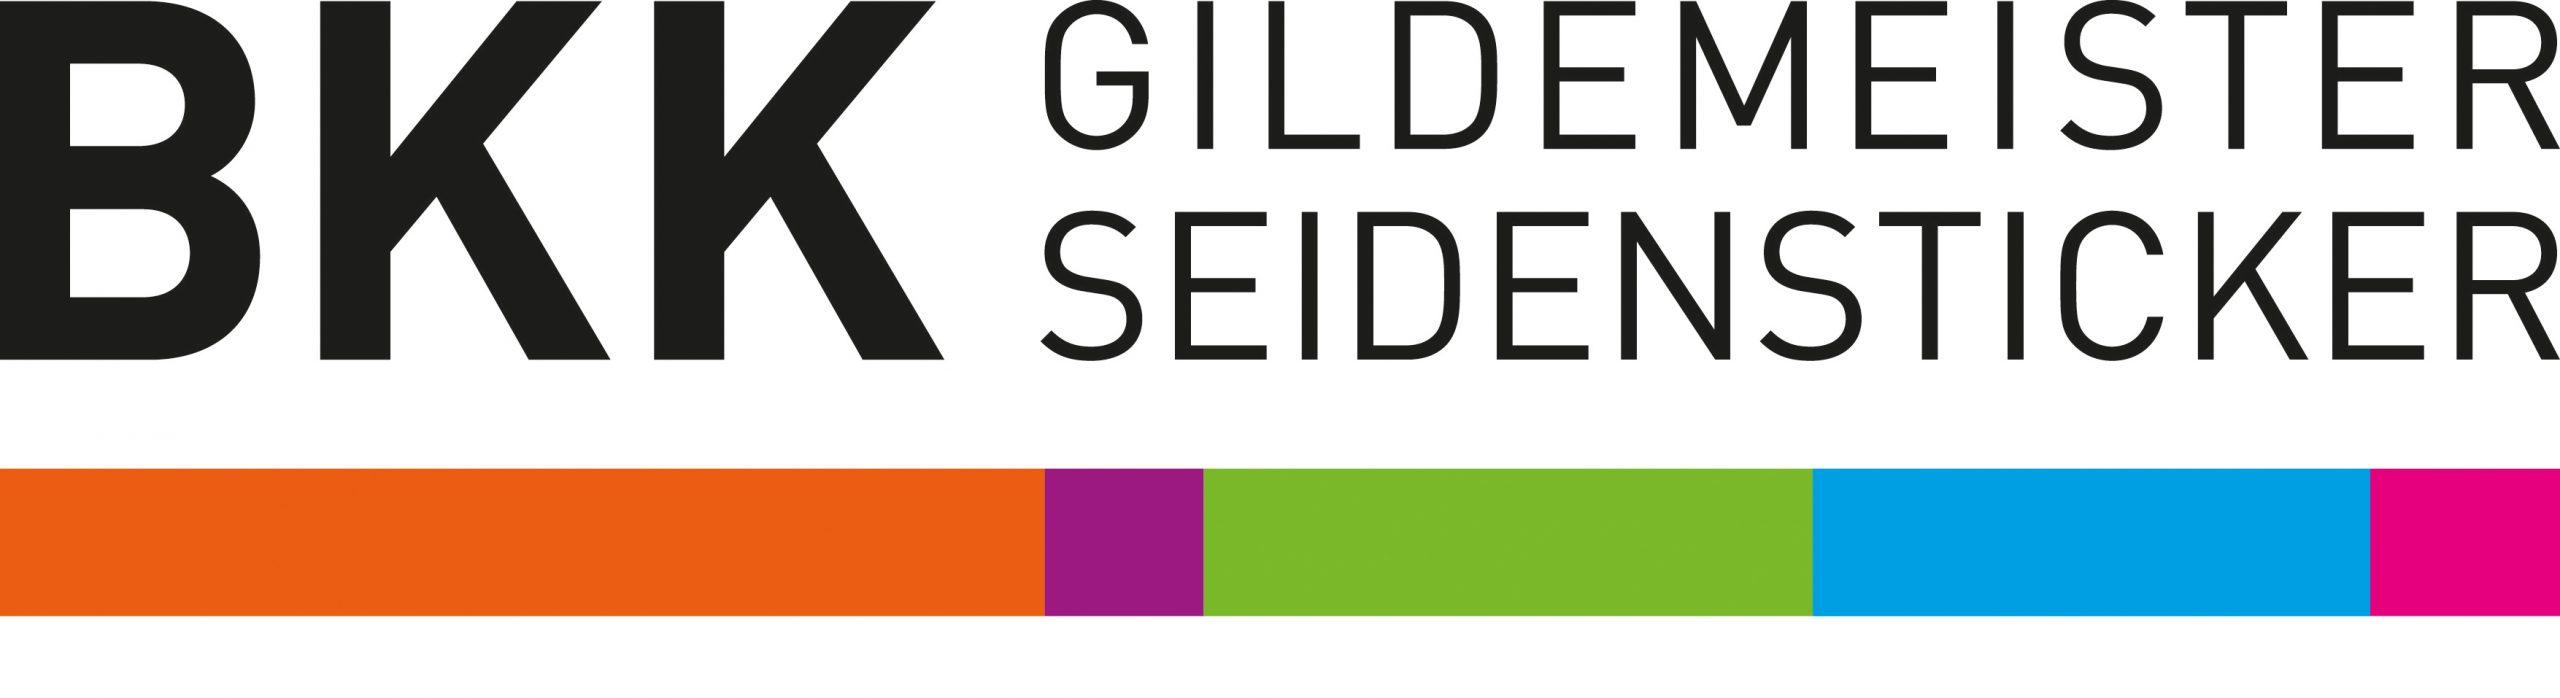 Online-Pflegekurse & Schulungen | BKK Gildemeister Seidensticker